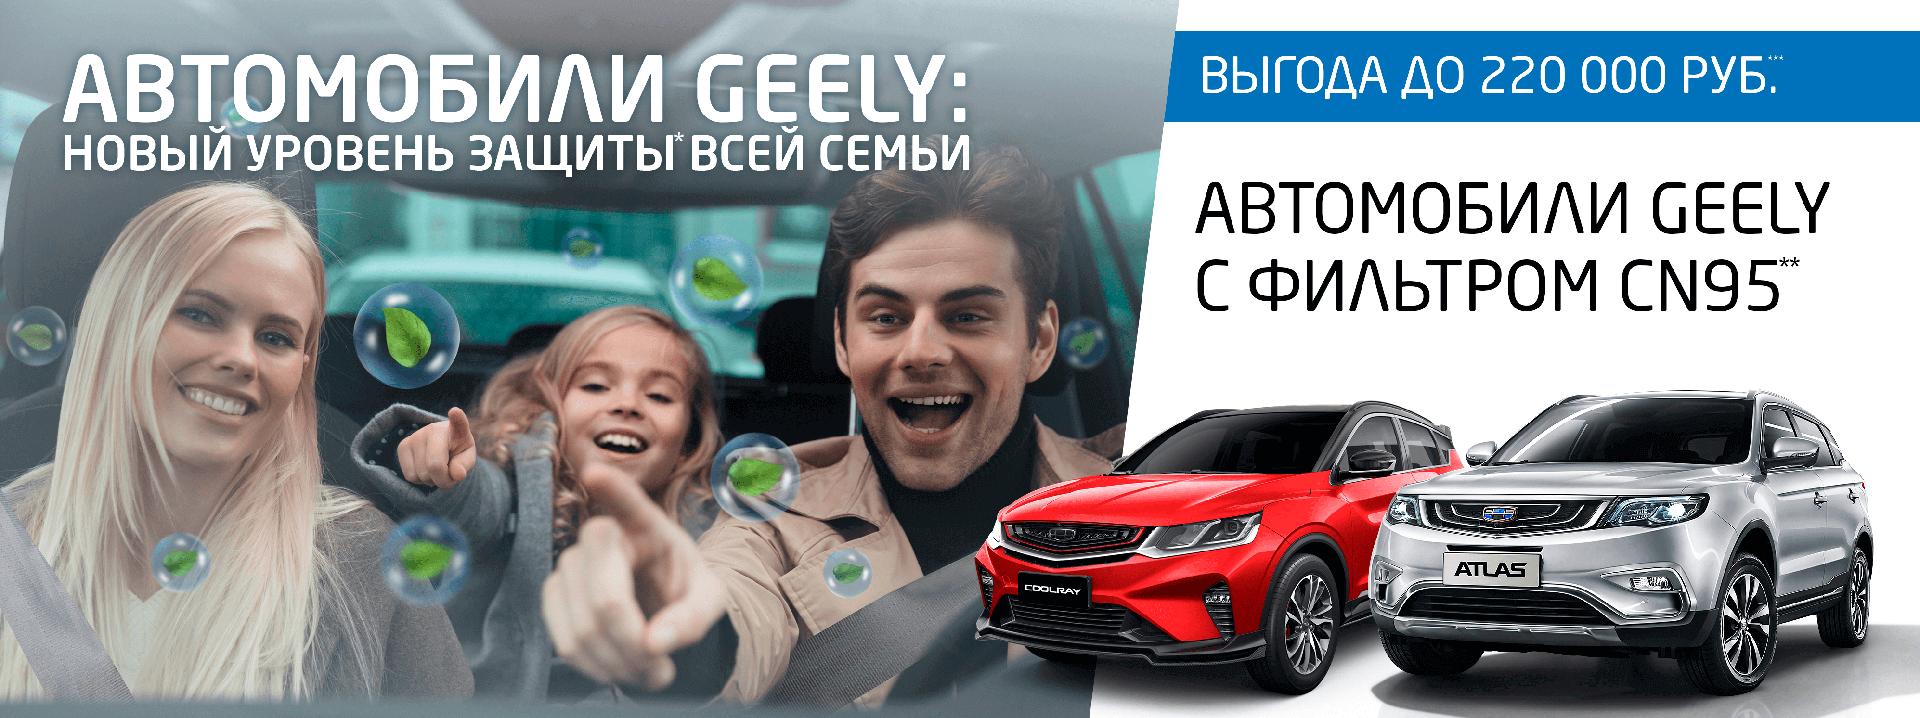 Geely | Экспо Кар – официальный дилер Джили: купить новый Geely 2020 в Санкт-Петербурге